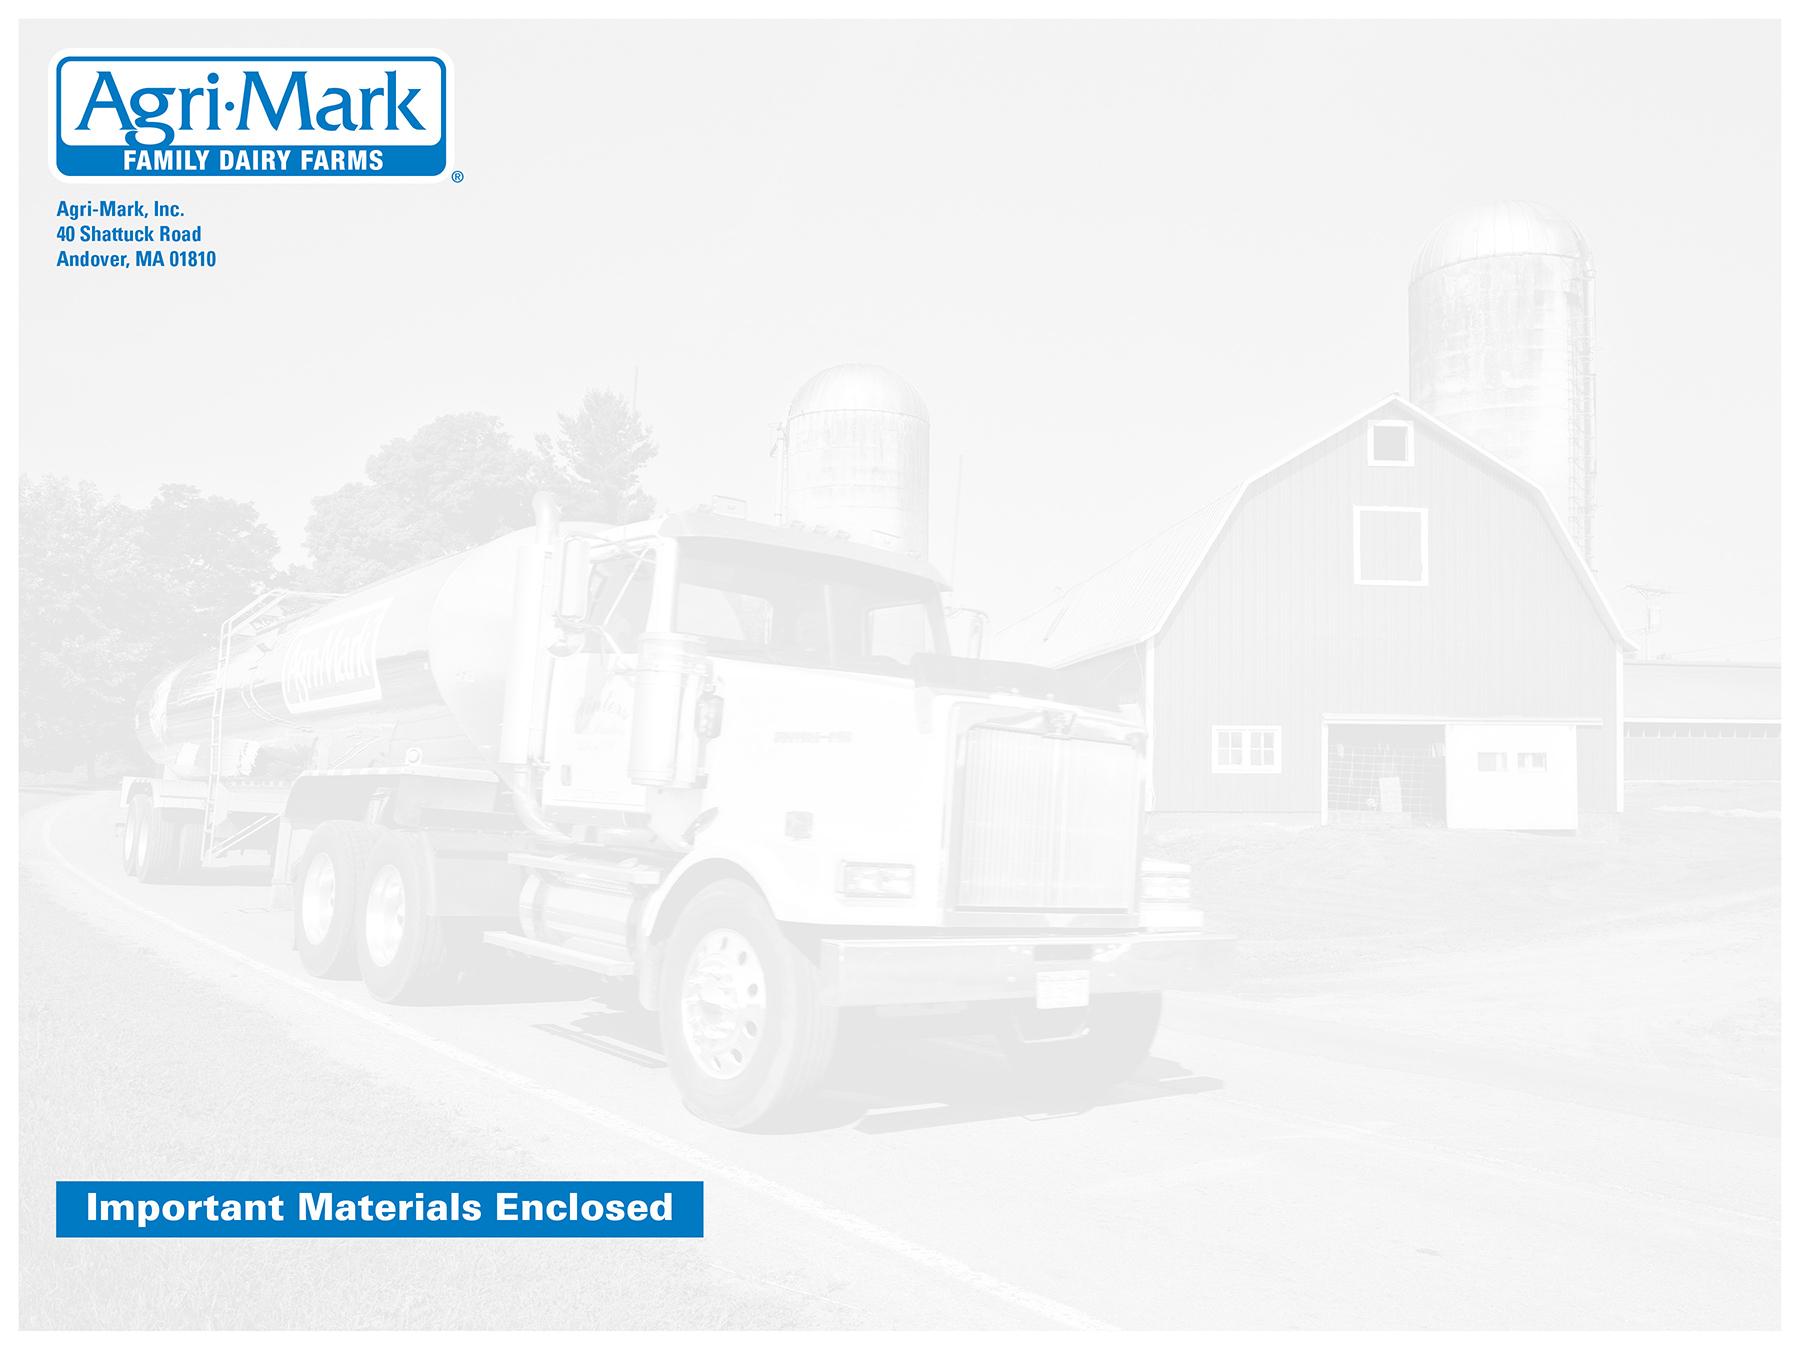 AgriMark_Envelope